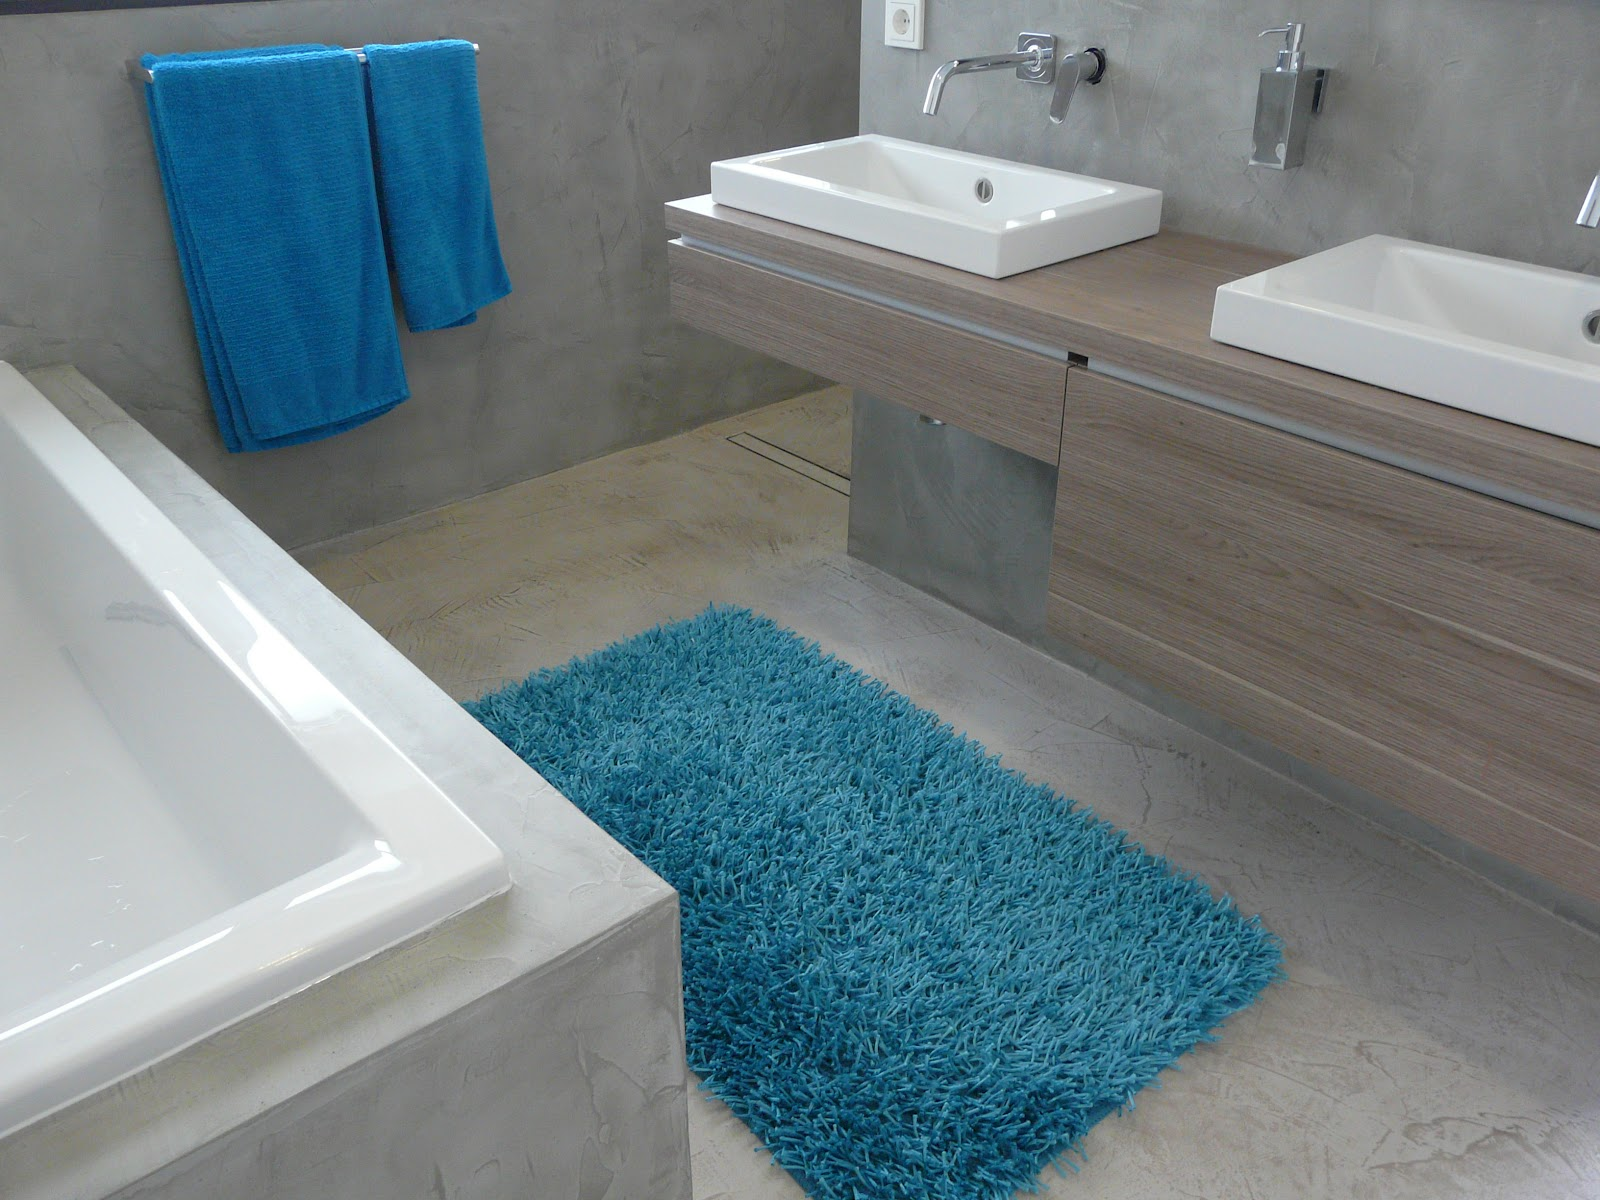 Wand wohndesign beton cire beton cir bad in betonoptik for Wohndesign 2